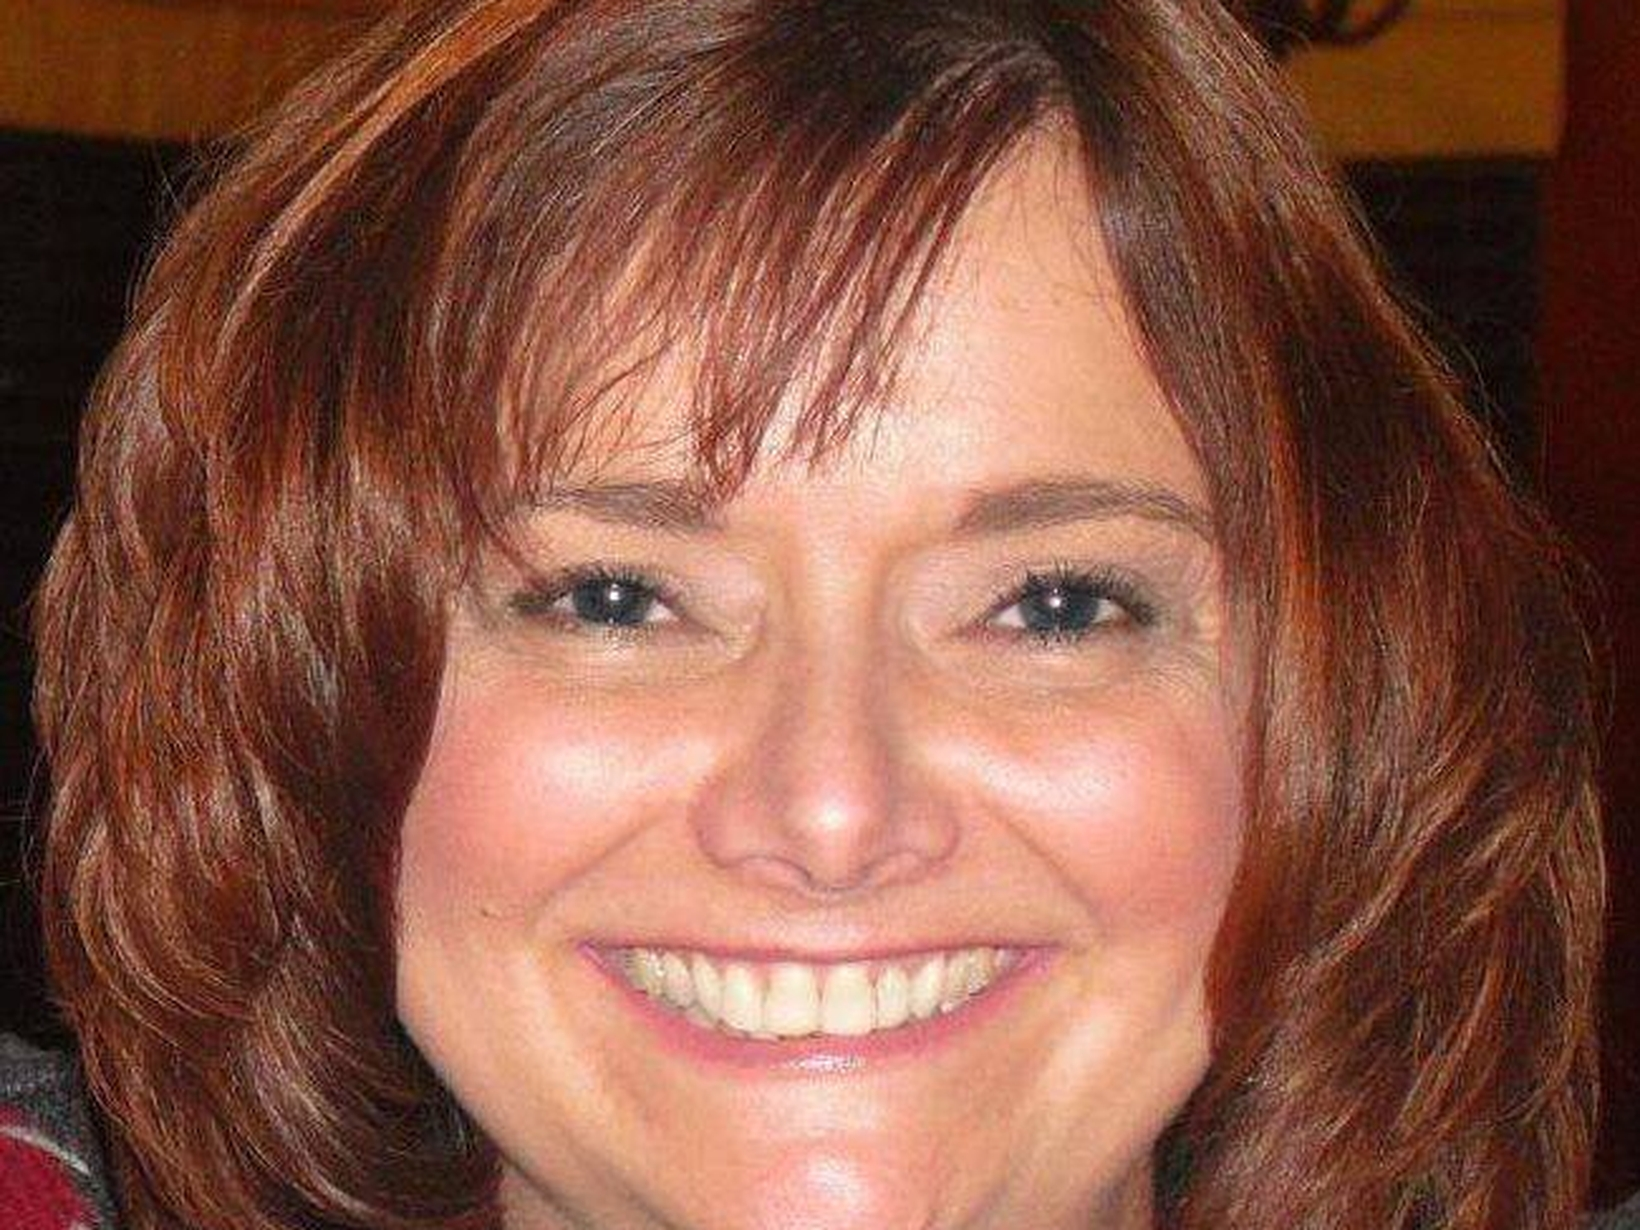 Sherry from Columbus, Ohio, United States